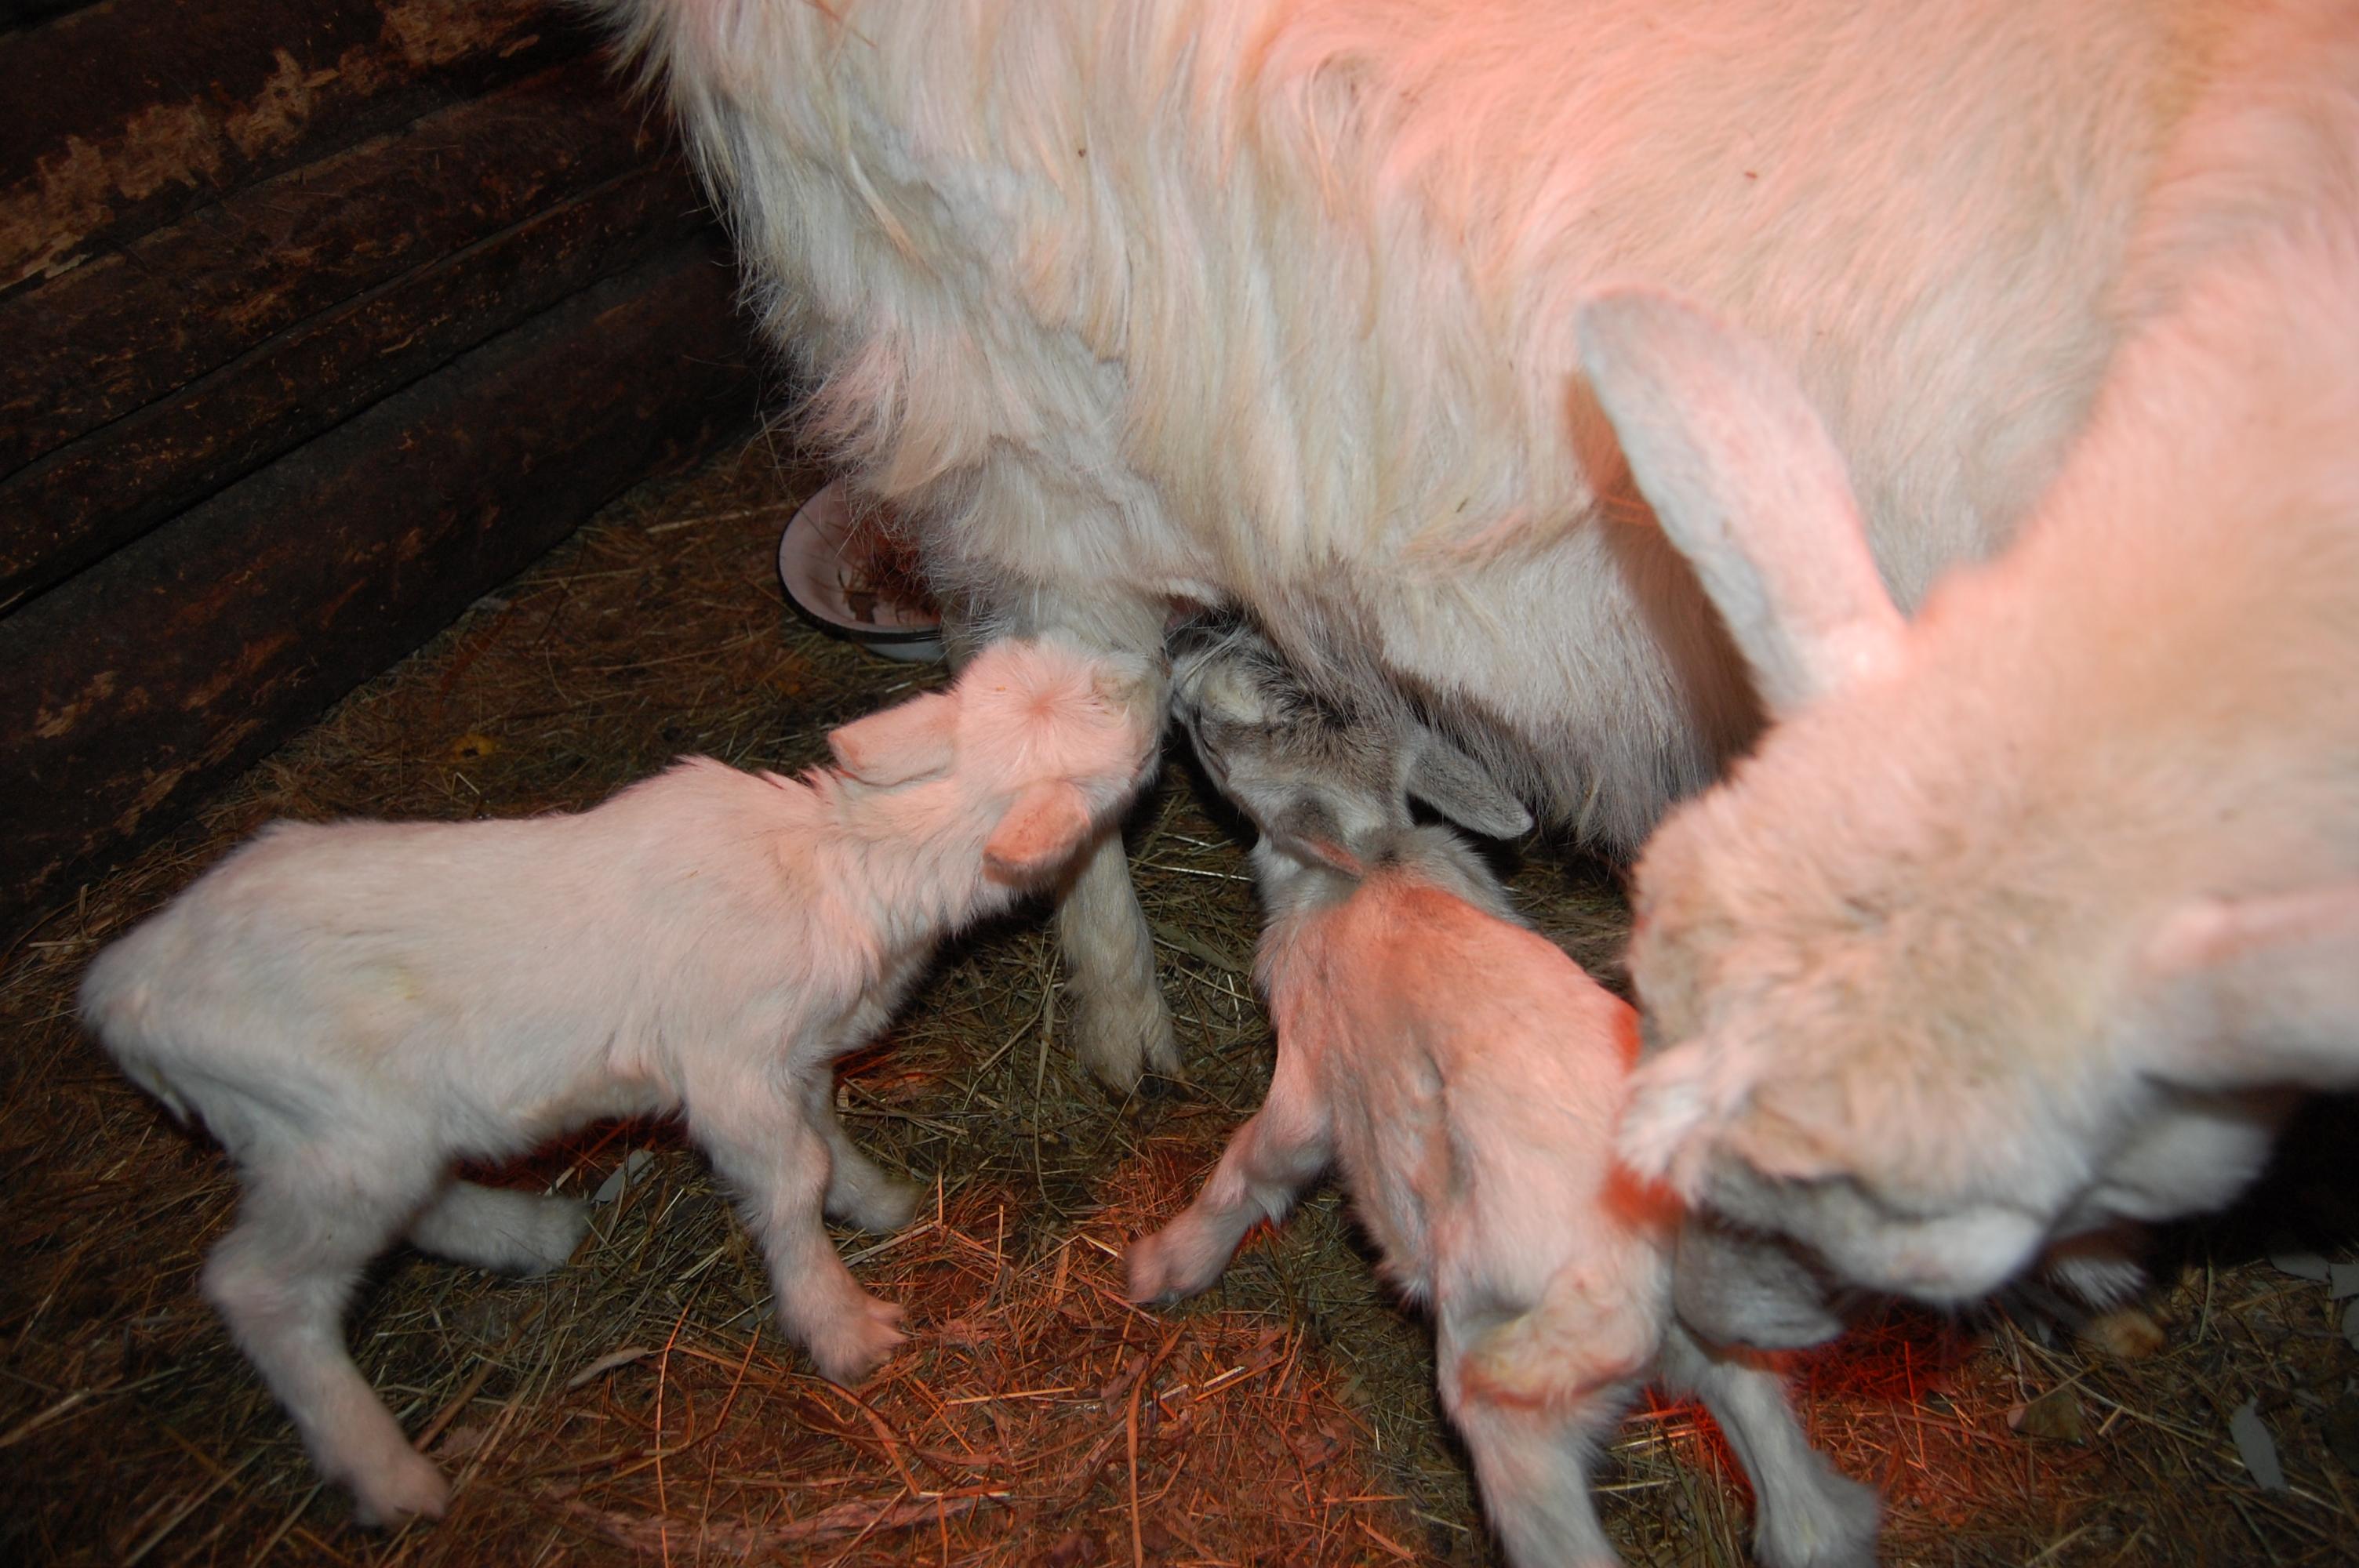 Почему Козел Похудел. А не слишком ли растолстела моя коза? BCS или Body Condition Score